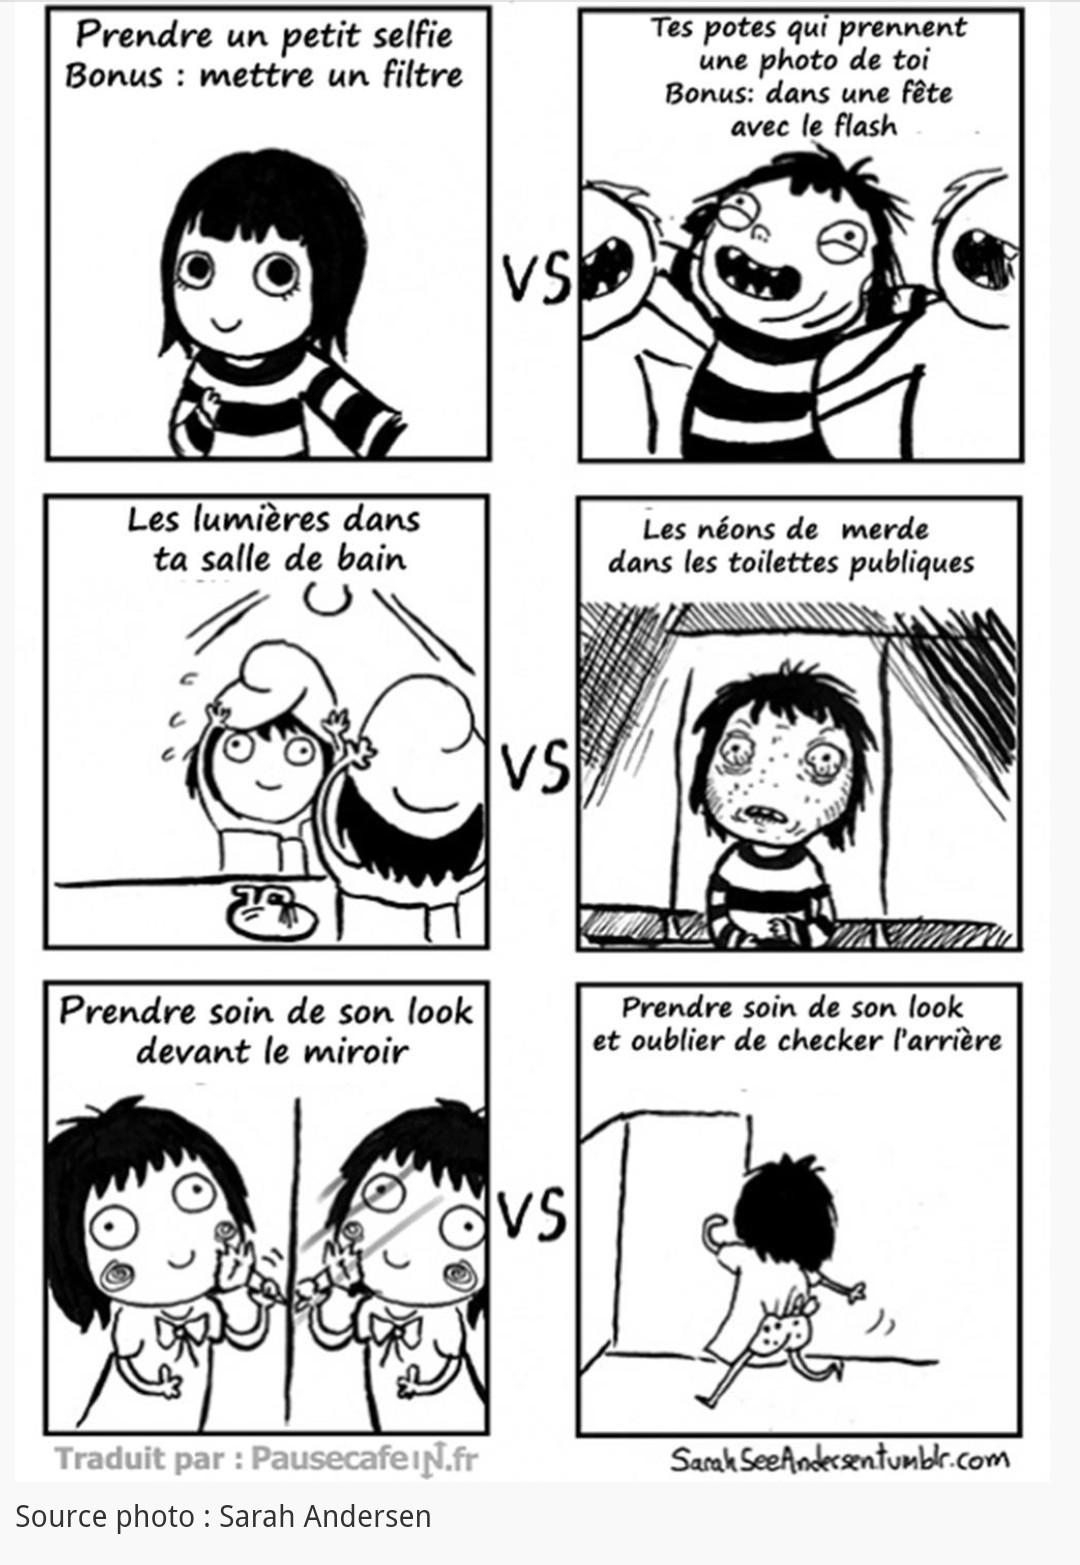 Toi vs la réalité